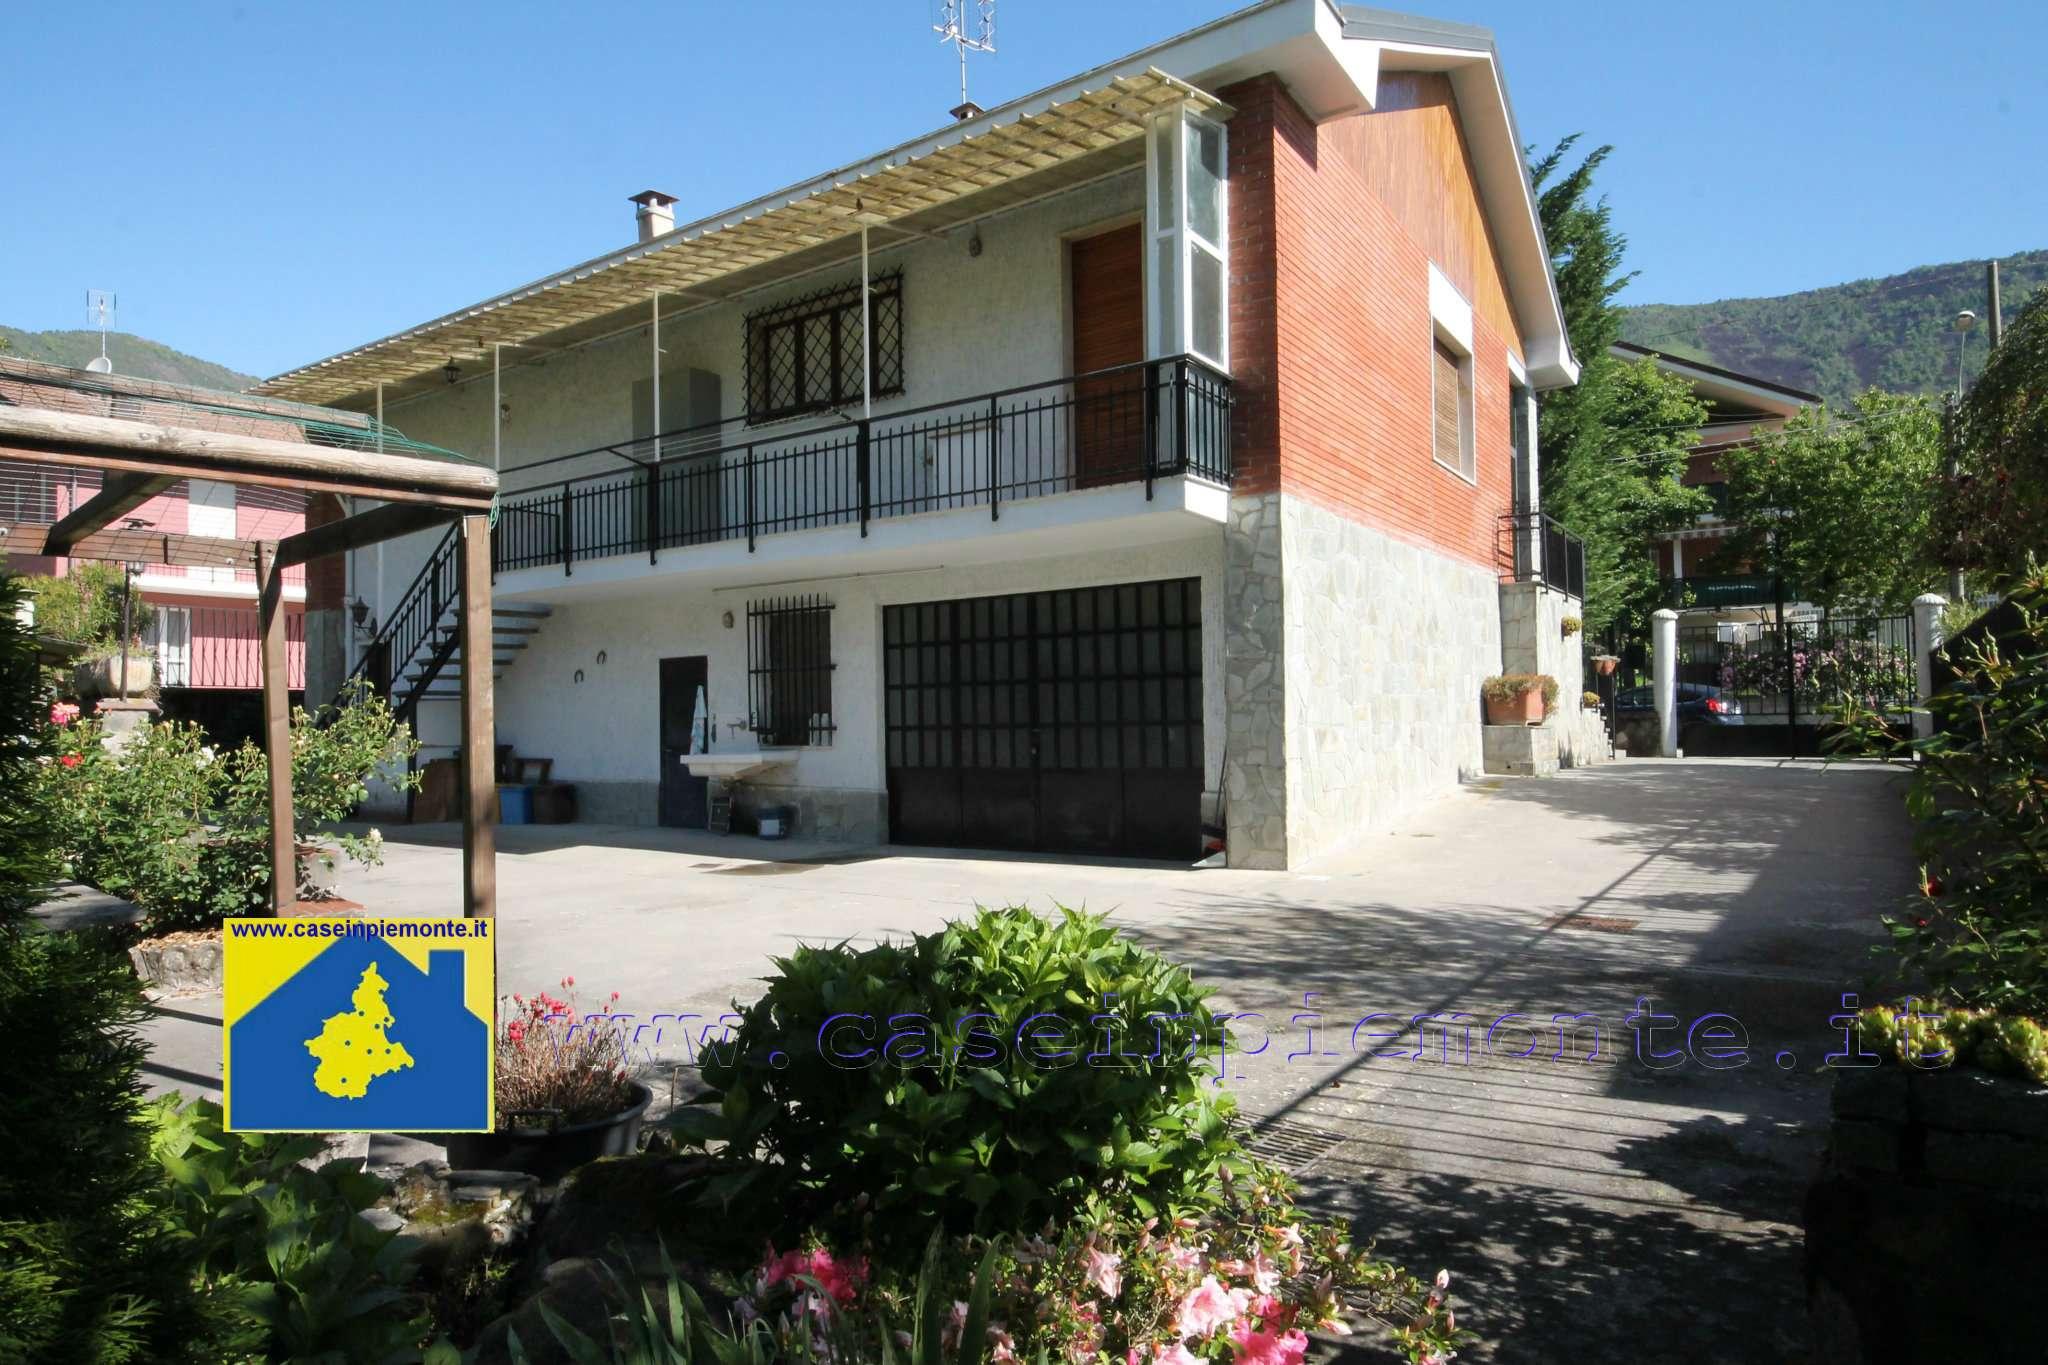 Villa in vendita a Val della Torre, 9 locali, prezzo € 245.000 | PortaleAgenzieImmobiliari.it